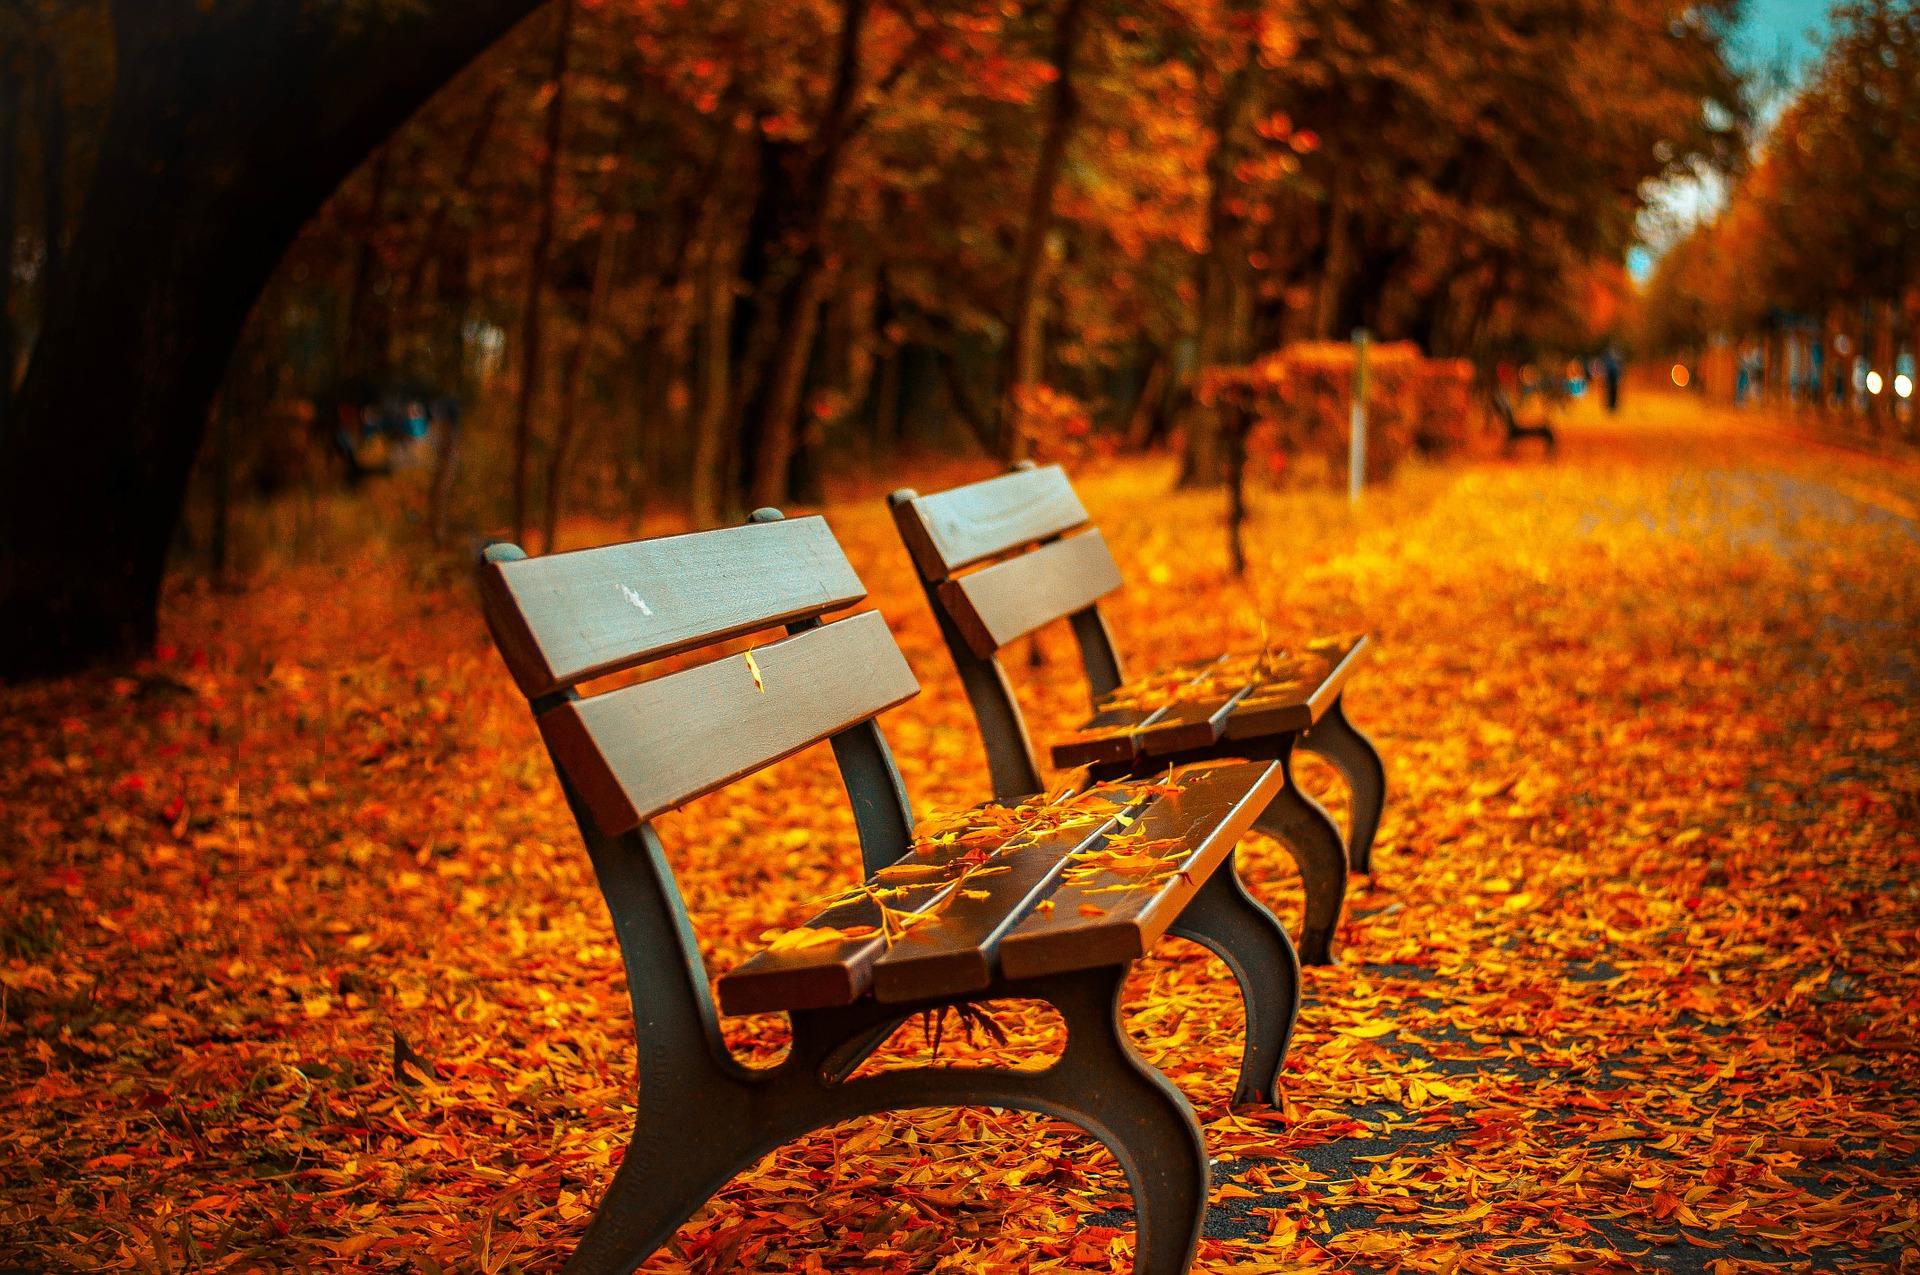 中目黒公園でピクニックや自然を楽しもう!子供も喜ぶおすすめの憩いの場所!